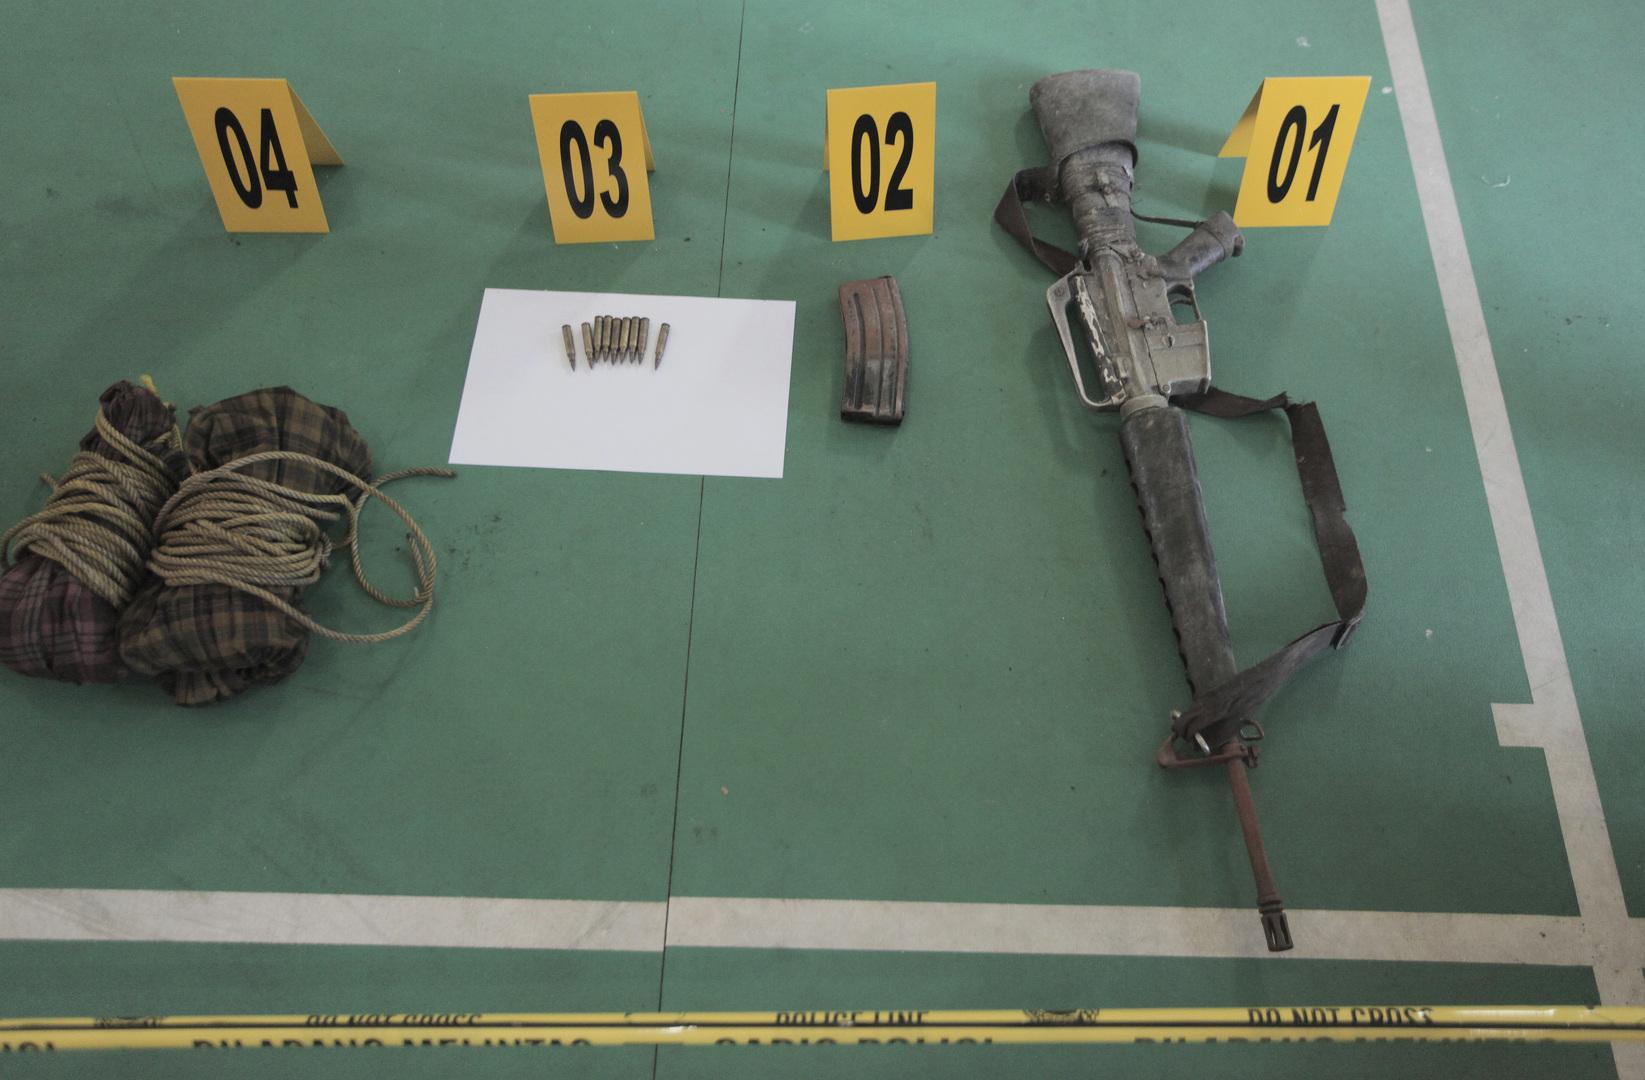 إندونيسيا تسترد من الأدغال جثة أبرز المسلحين المطلوبين والمرتبط بـ